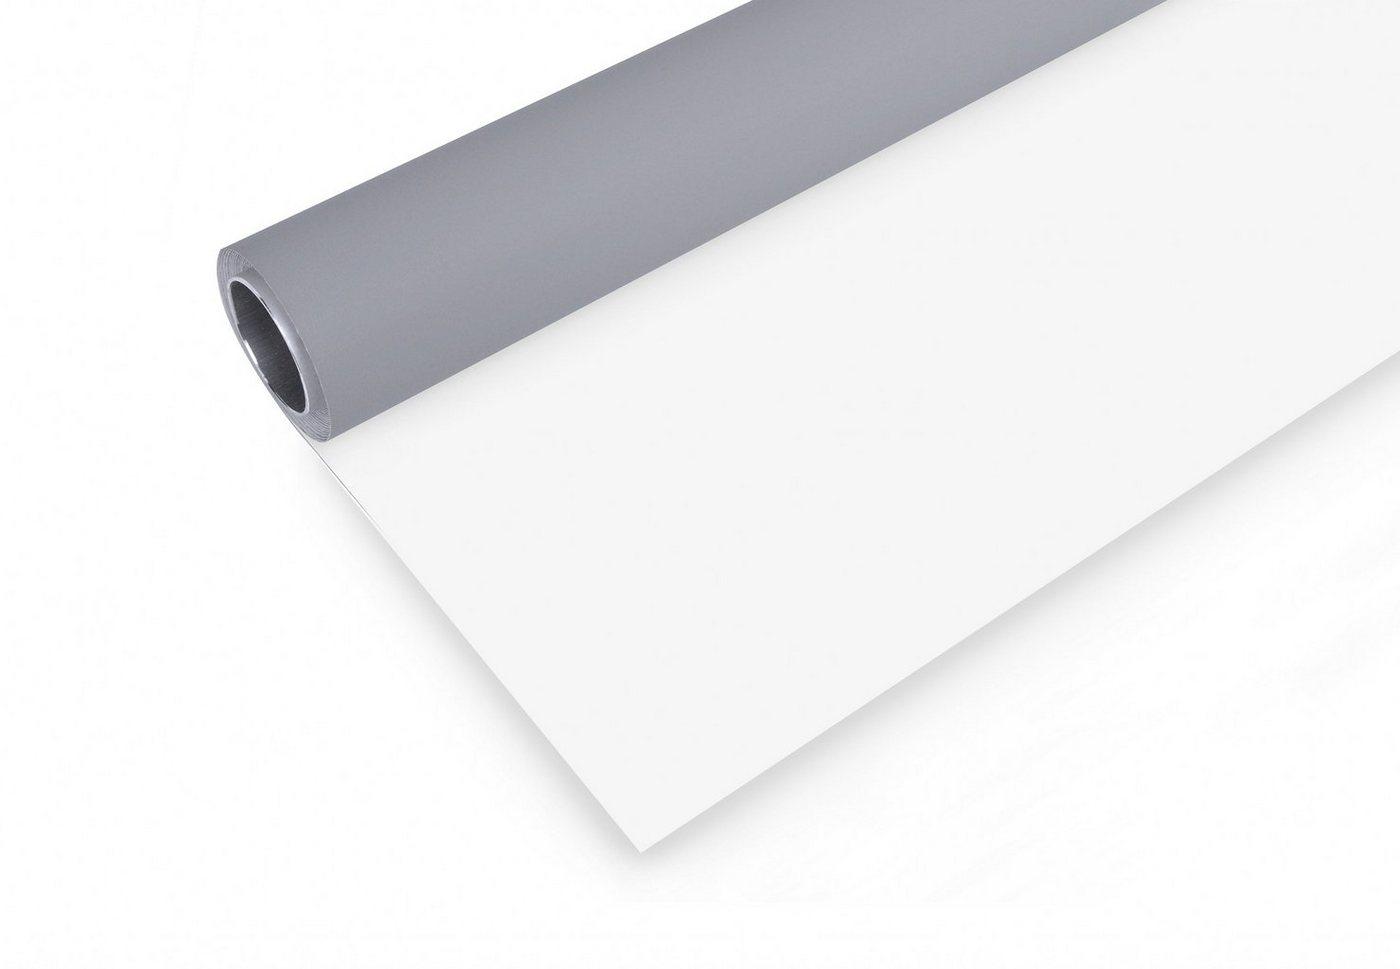 BRESSER Fotostudio »BRESSER Vinyl Hintergrundrolle 2x6m grau/weiß« - Preisvergleich